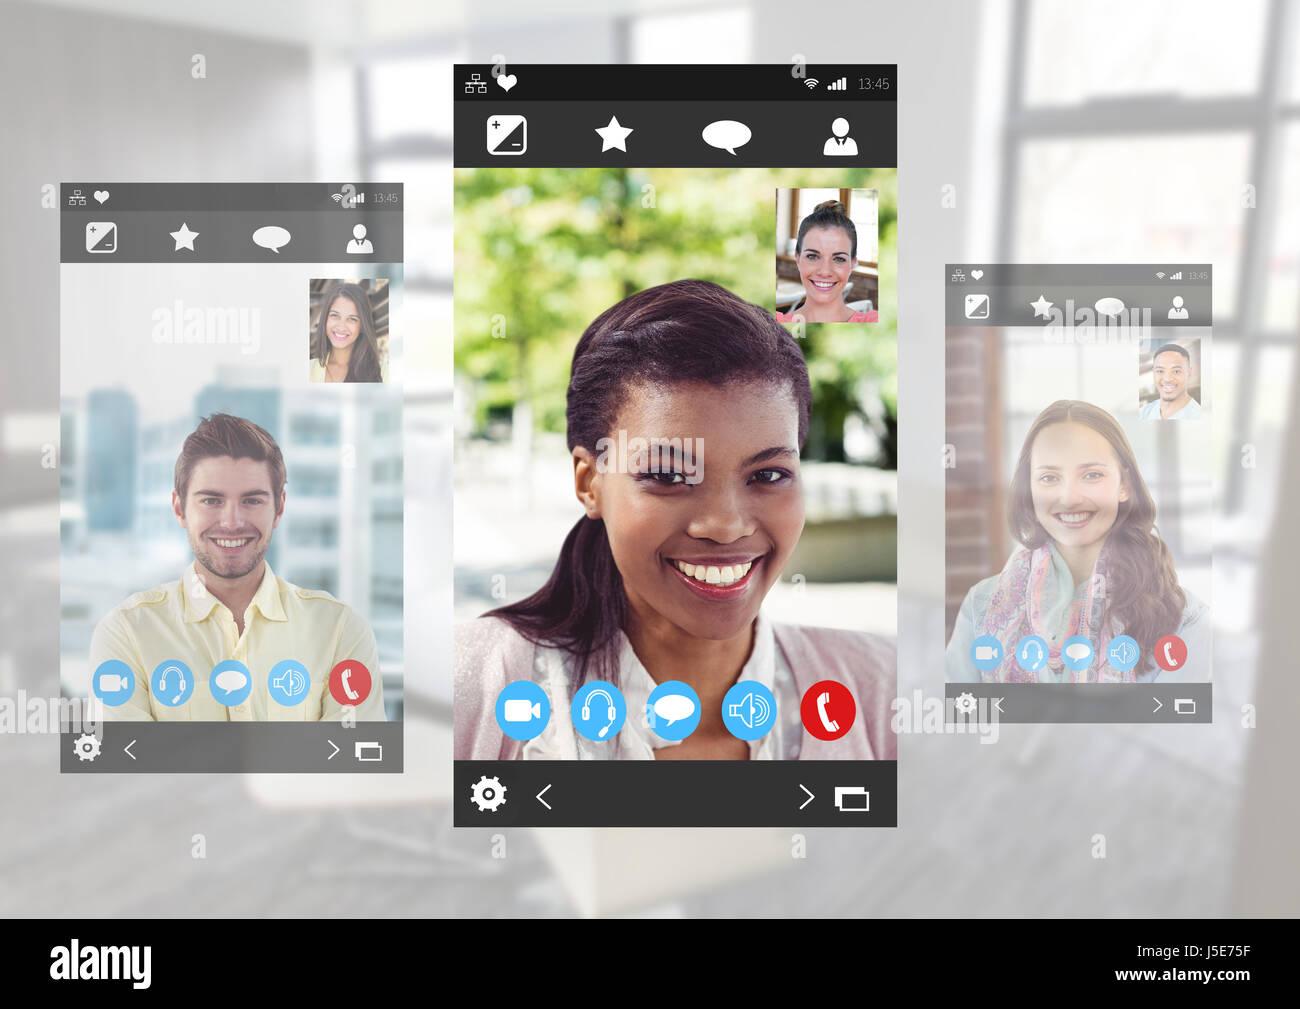 Composito Digitale dei Social Video Chat interfaccia App Immagini Stock